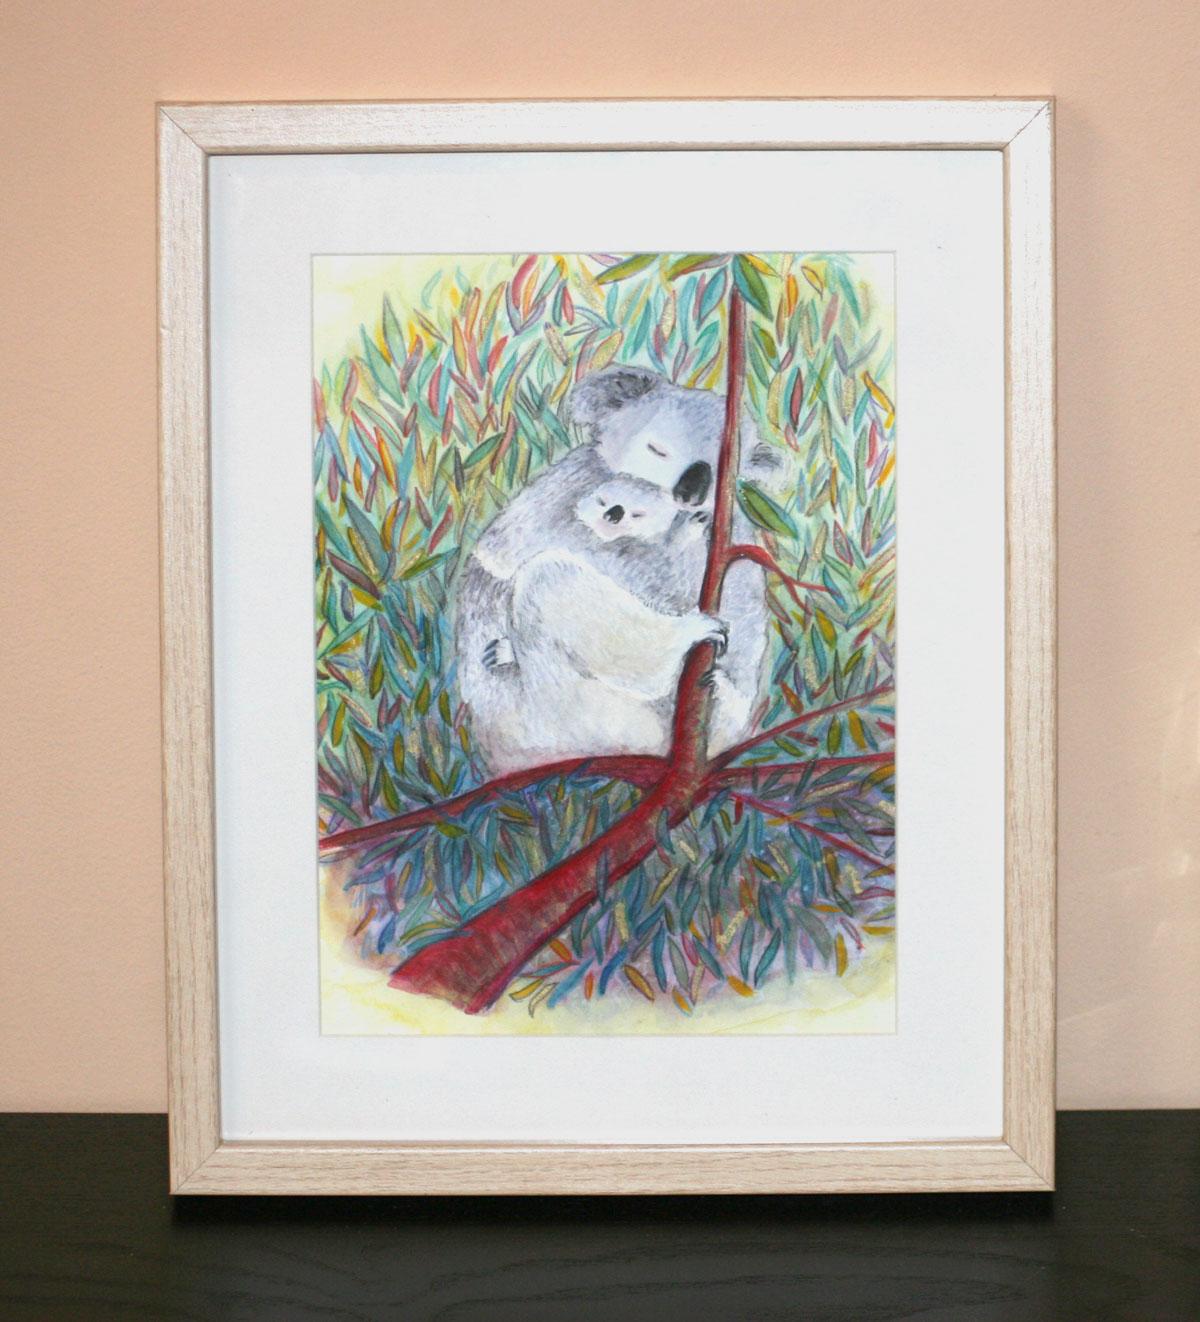 koalas_framed